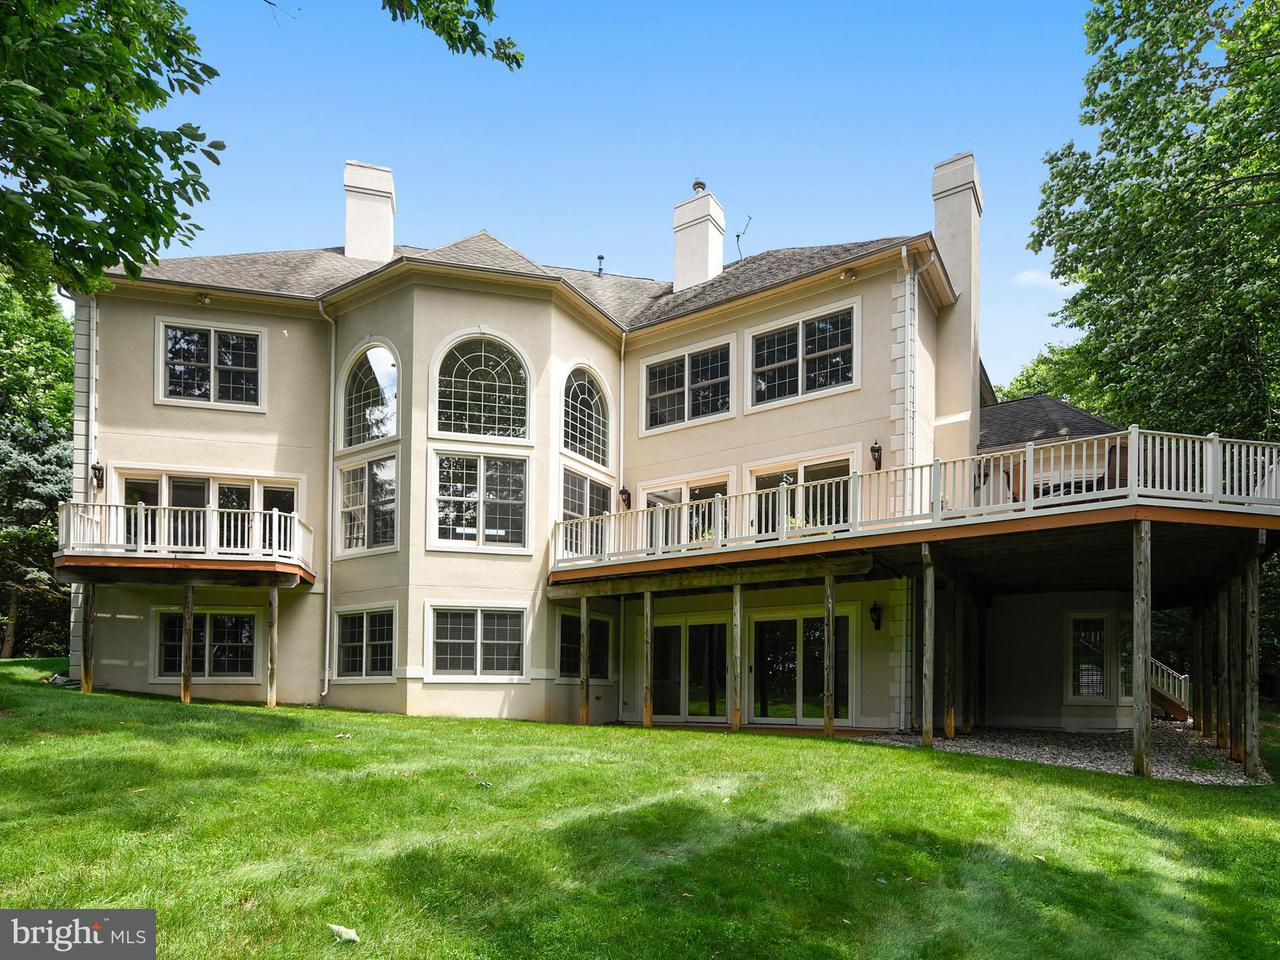 独户住宅 为 销售 在 11387 Highbrook Court 11387 Highbrook Court 波托马克河, 弗吉尼亚州 20165 美国